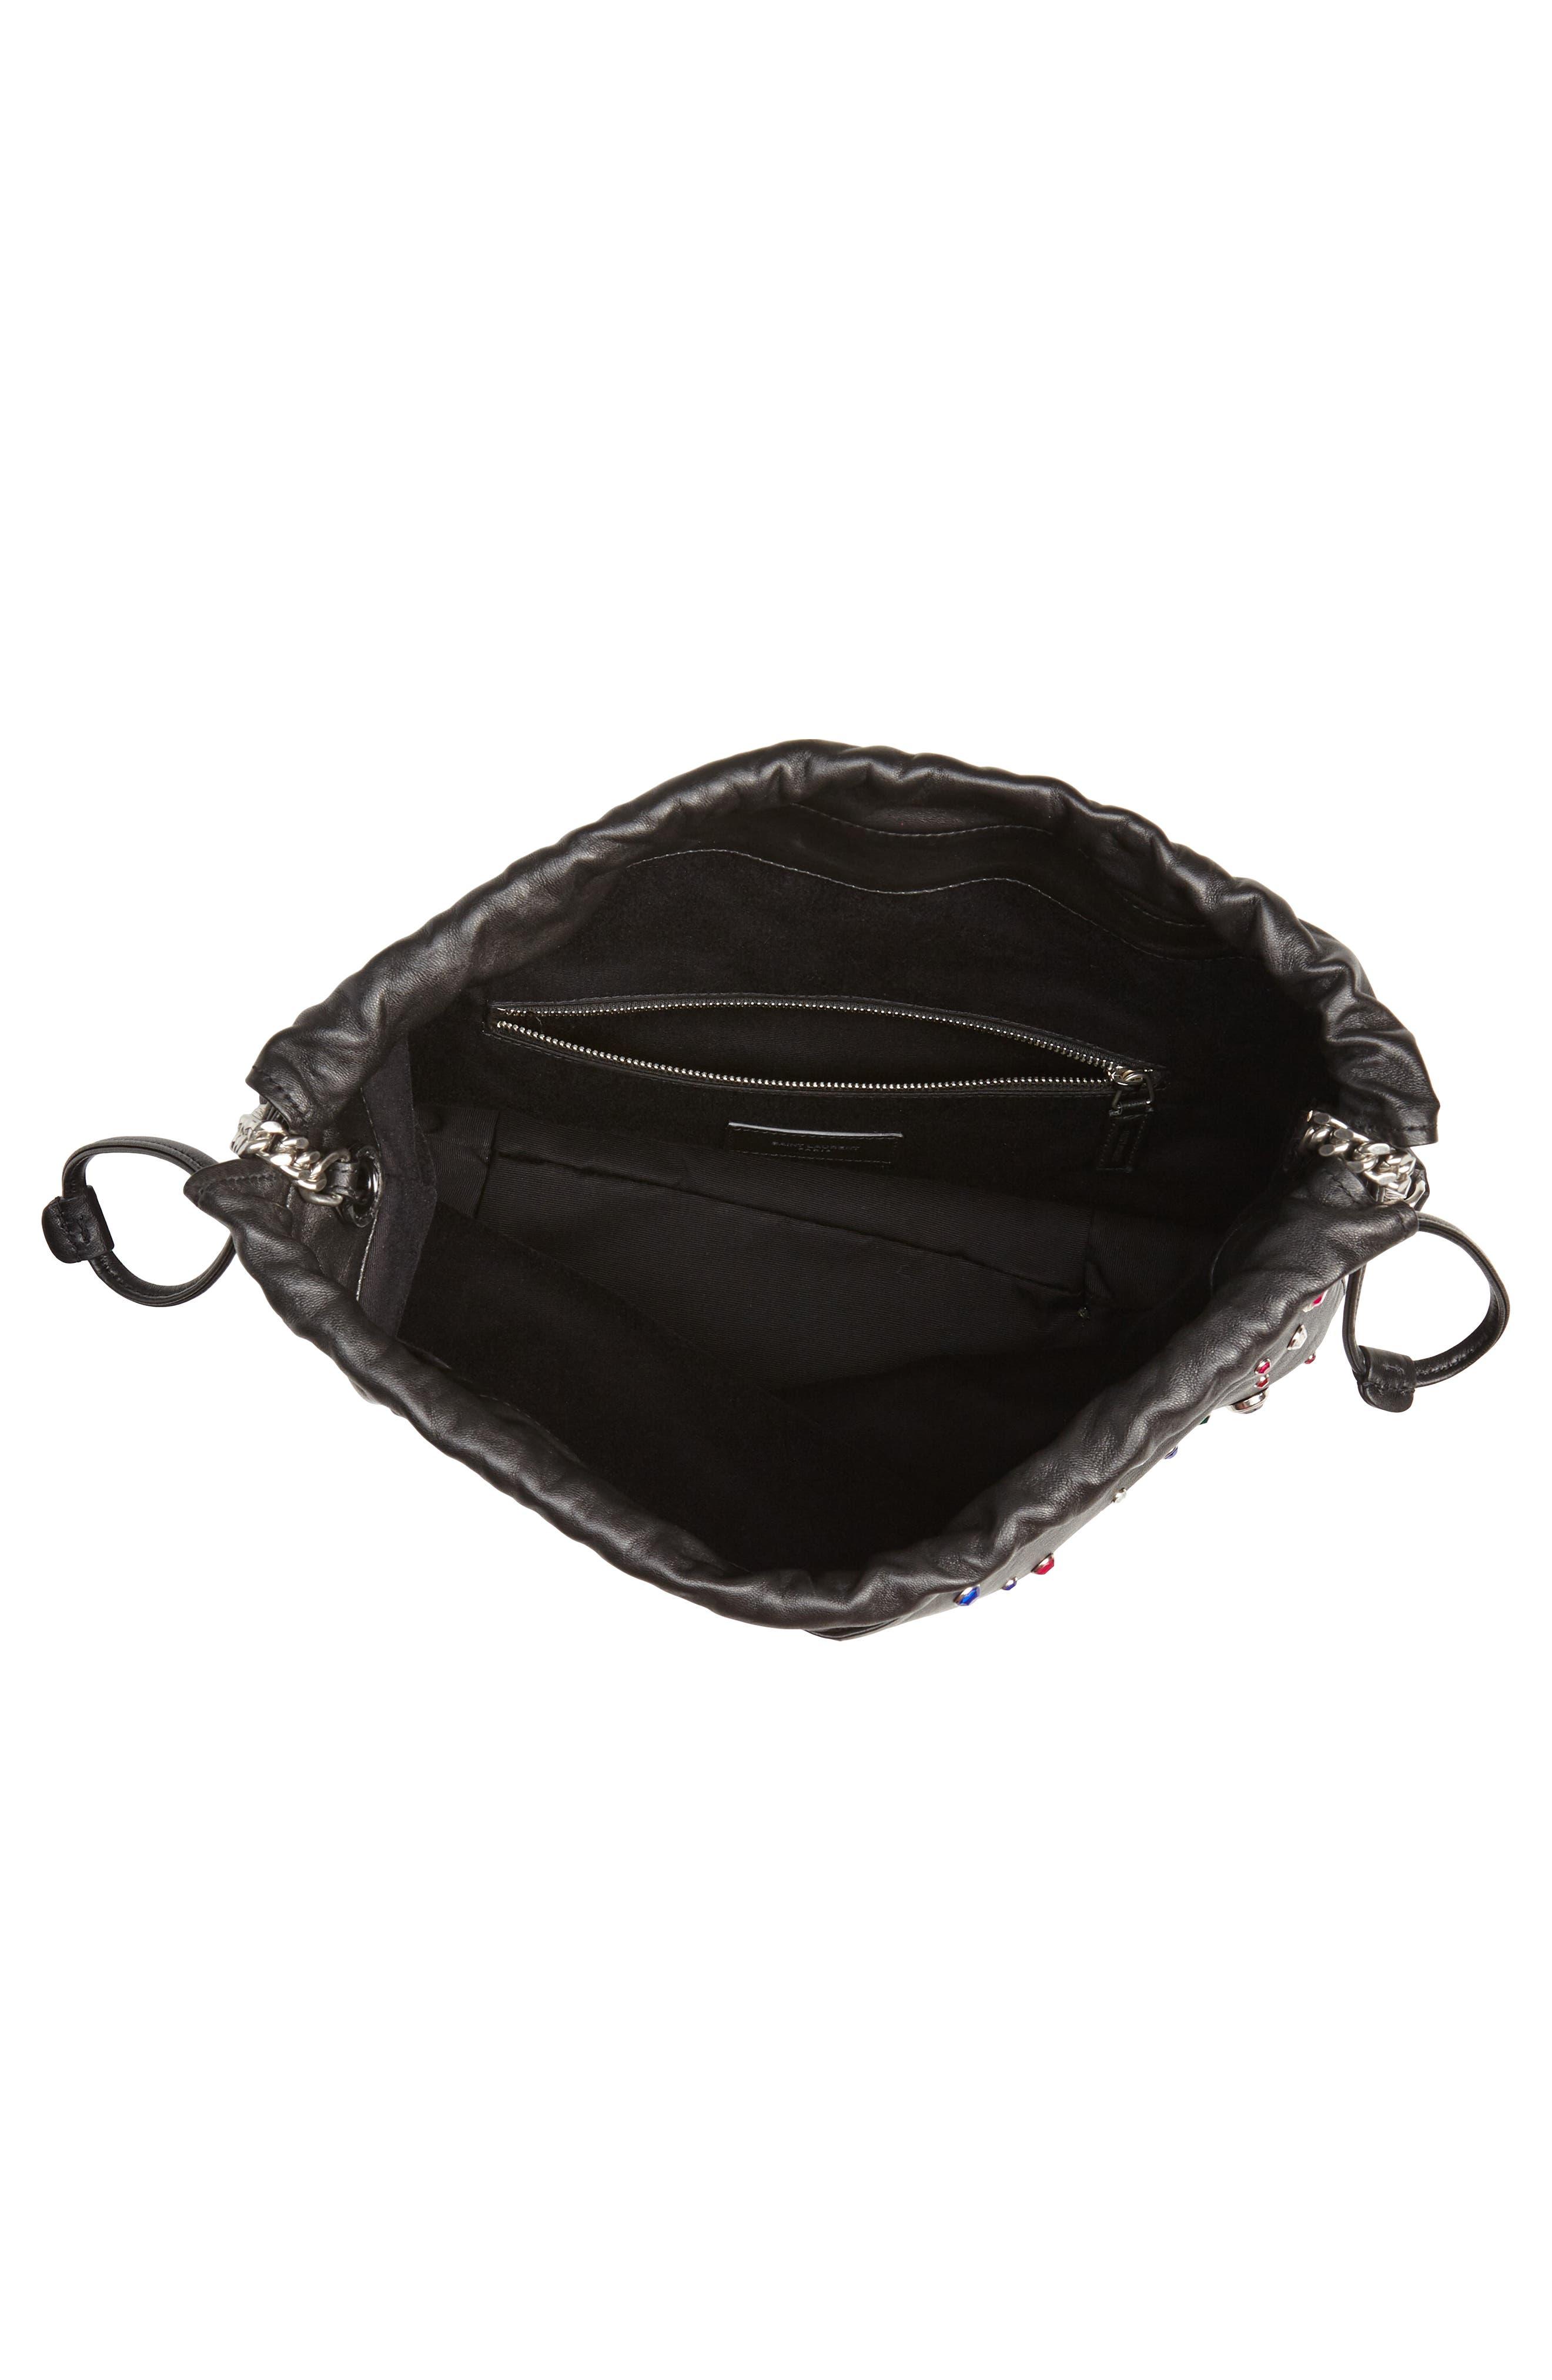 Teddy Studded Leather Bucket Bag,                             Alternate thumbnail 4, color,                             NOIR MULTI